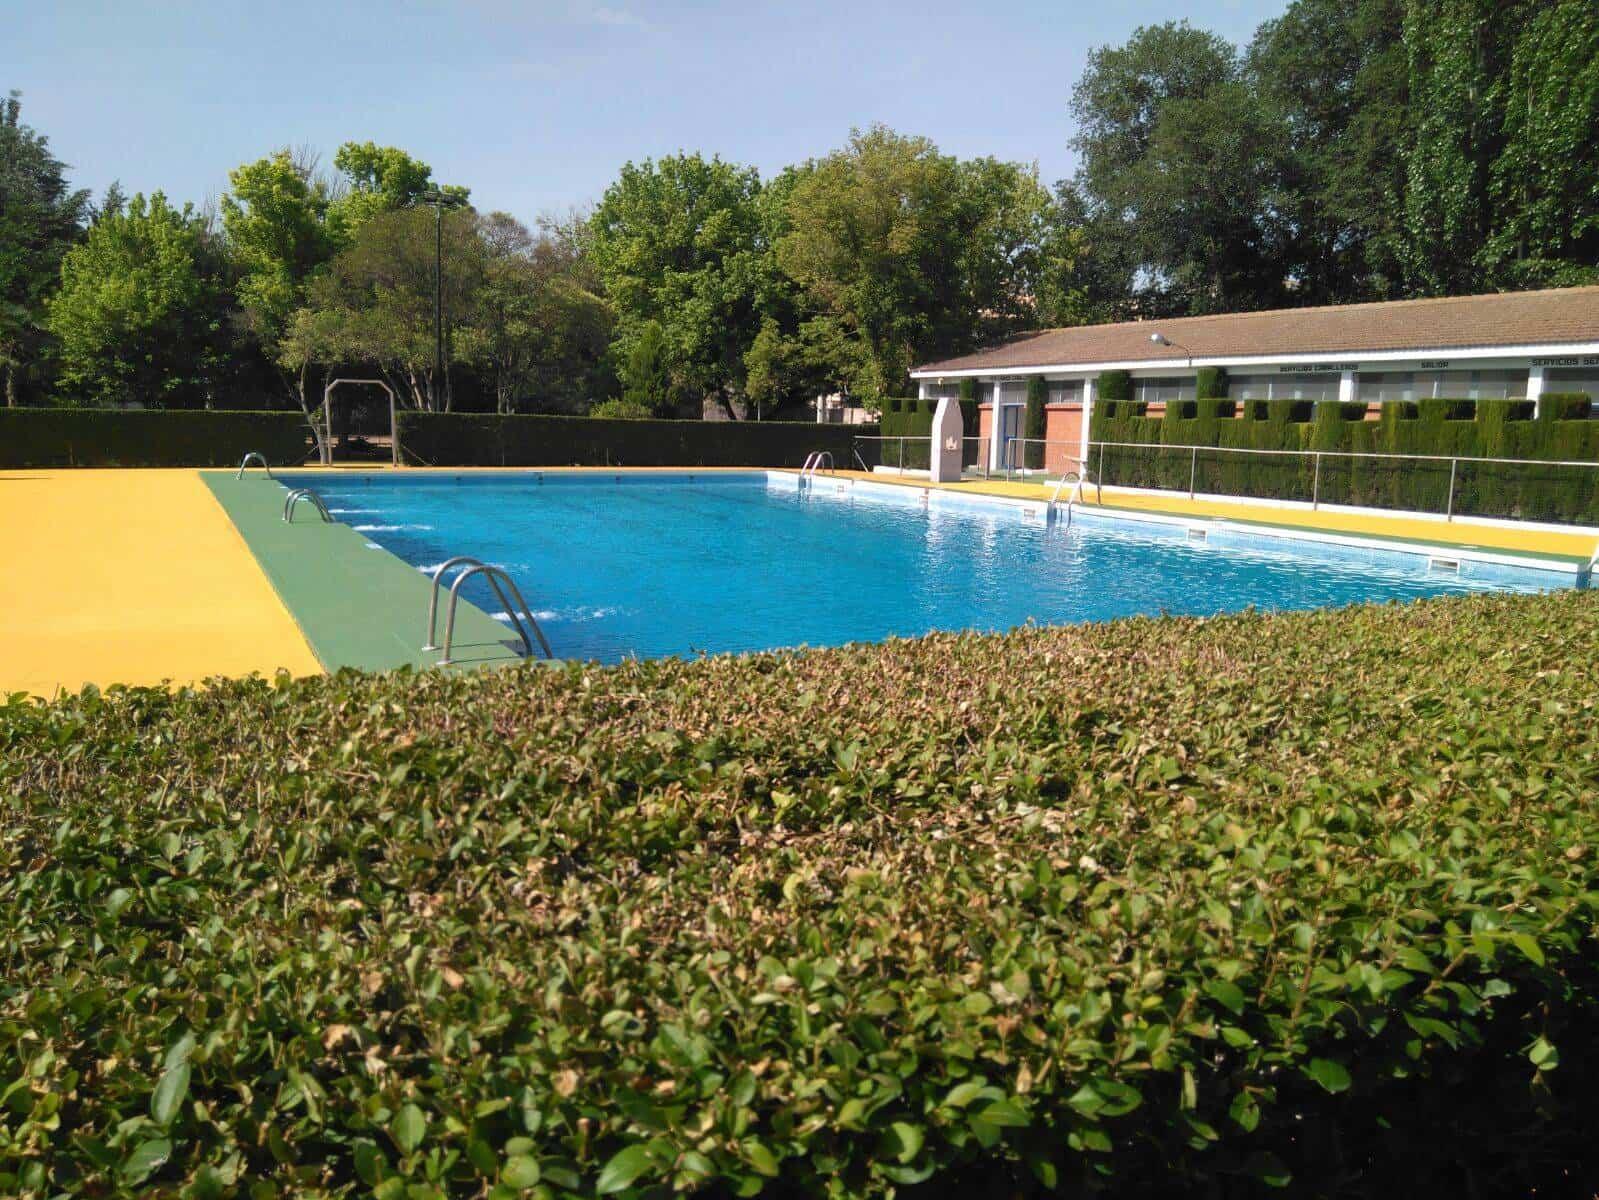 piscina municipal 2017 herencia 2 - La piscina municipal abrirá sus puertas el 15 de junio durante tres meses